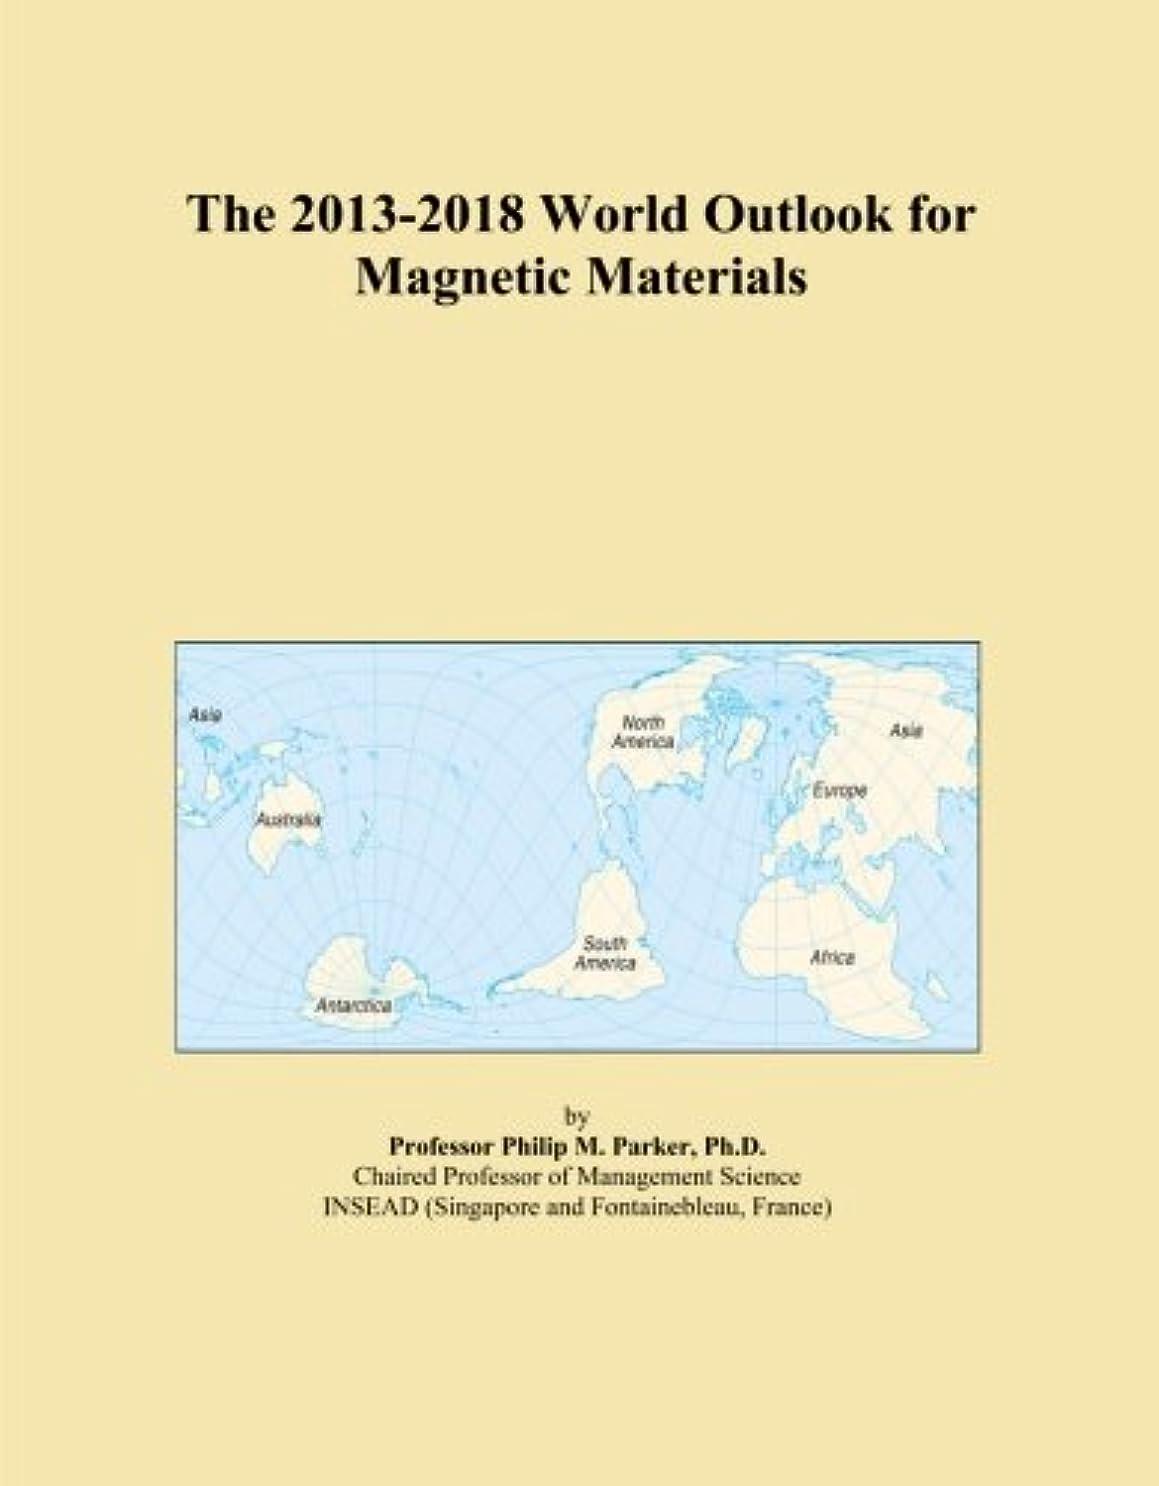 バランスのとれた混乱下The 2013-2018 World Outlook for Magnetic Materials